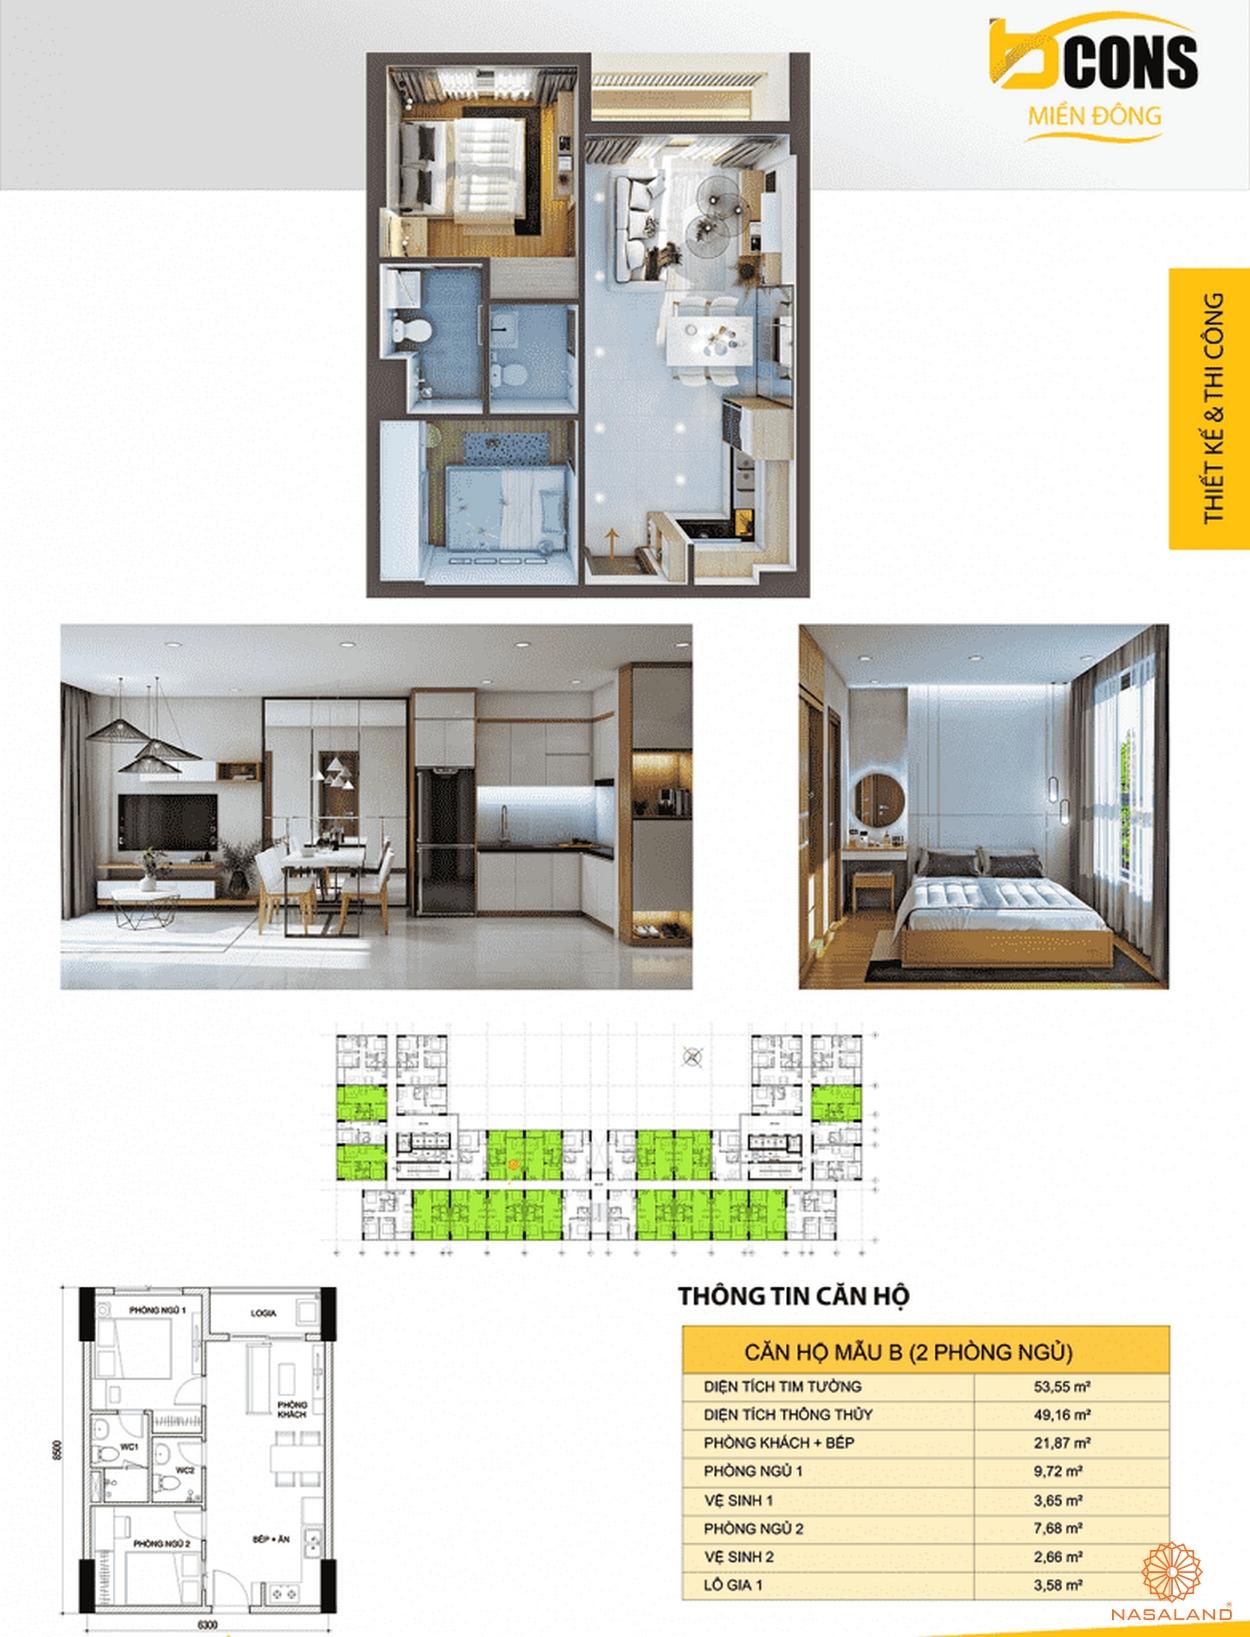 Thiết kế căn hộ phòng ngủ tại căn hộ Bcons Miền Đông Bình Dương